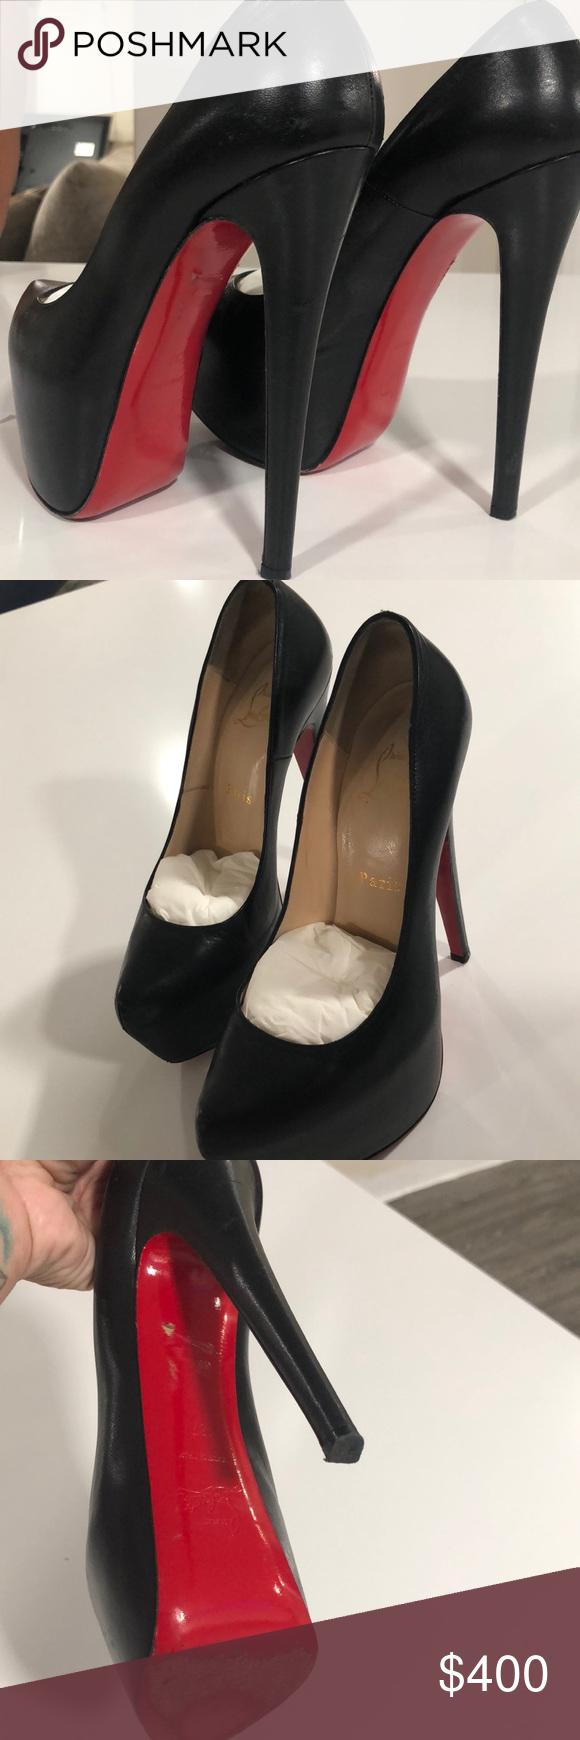 929b4226c45 Christian Louboutin Shoes   Authentic Louboutins   Color: Black ...